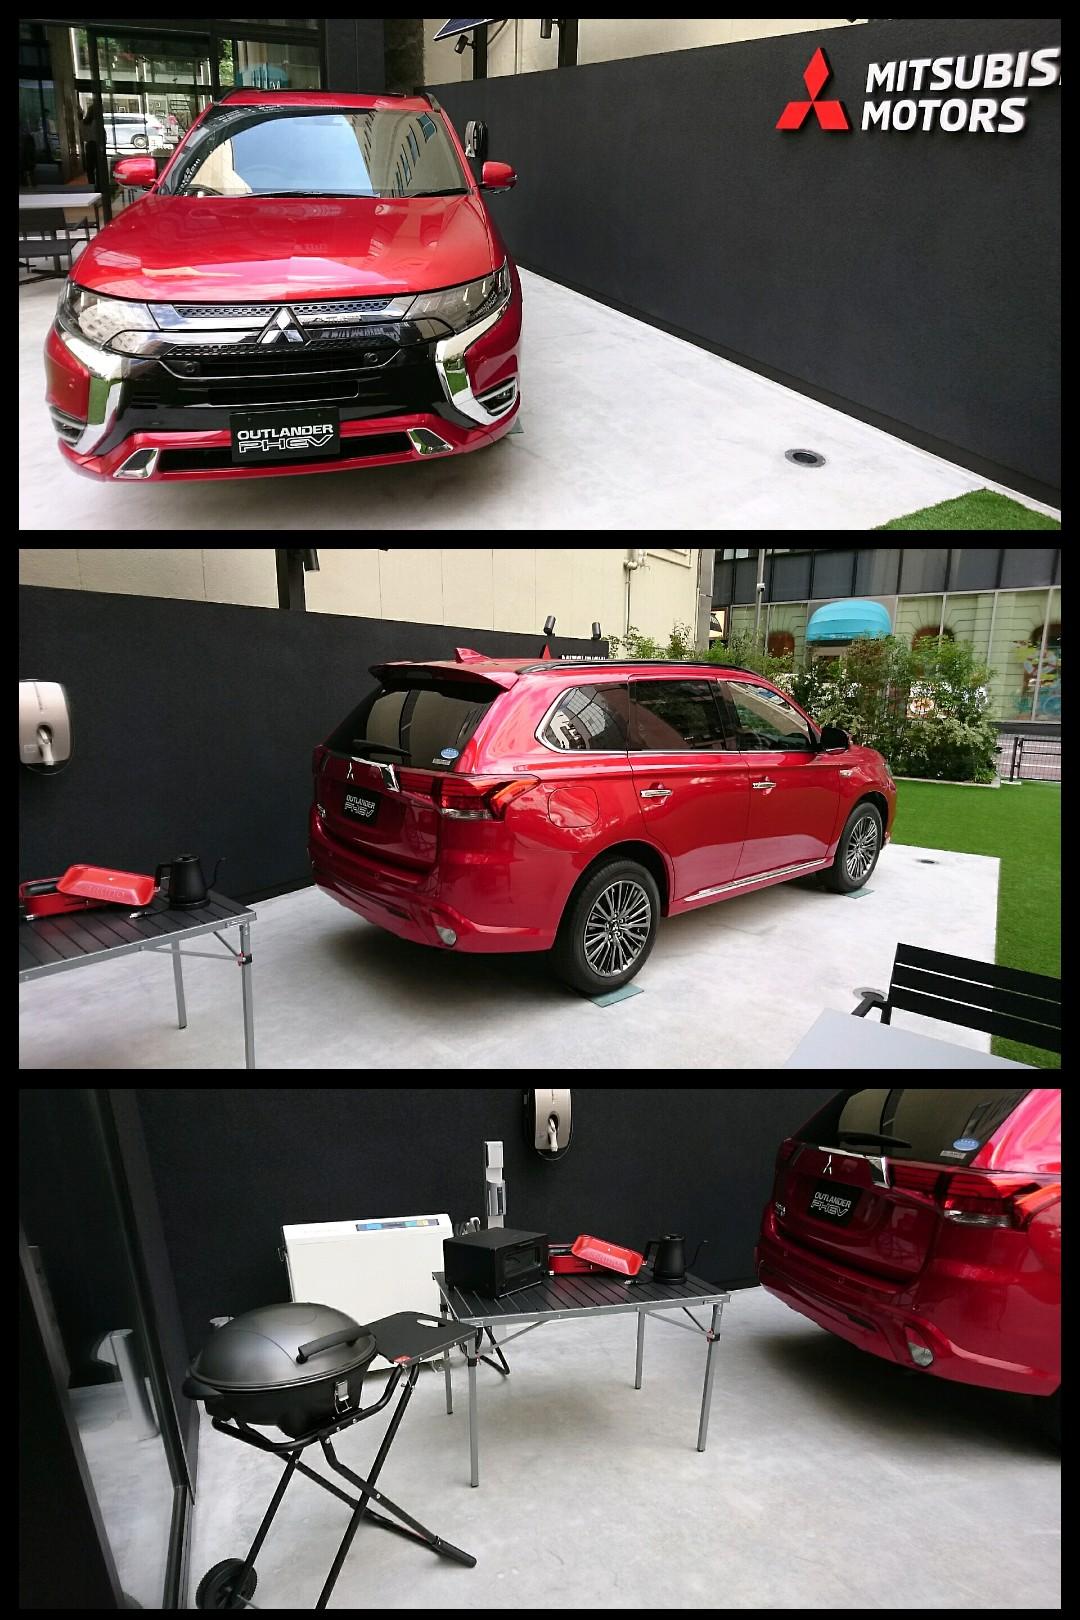 三菱アウトランダーPHEV 新型2019 レッドダイアモンド